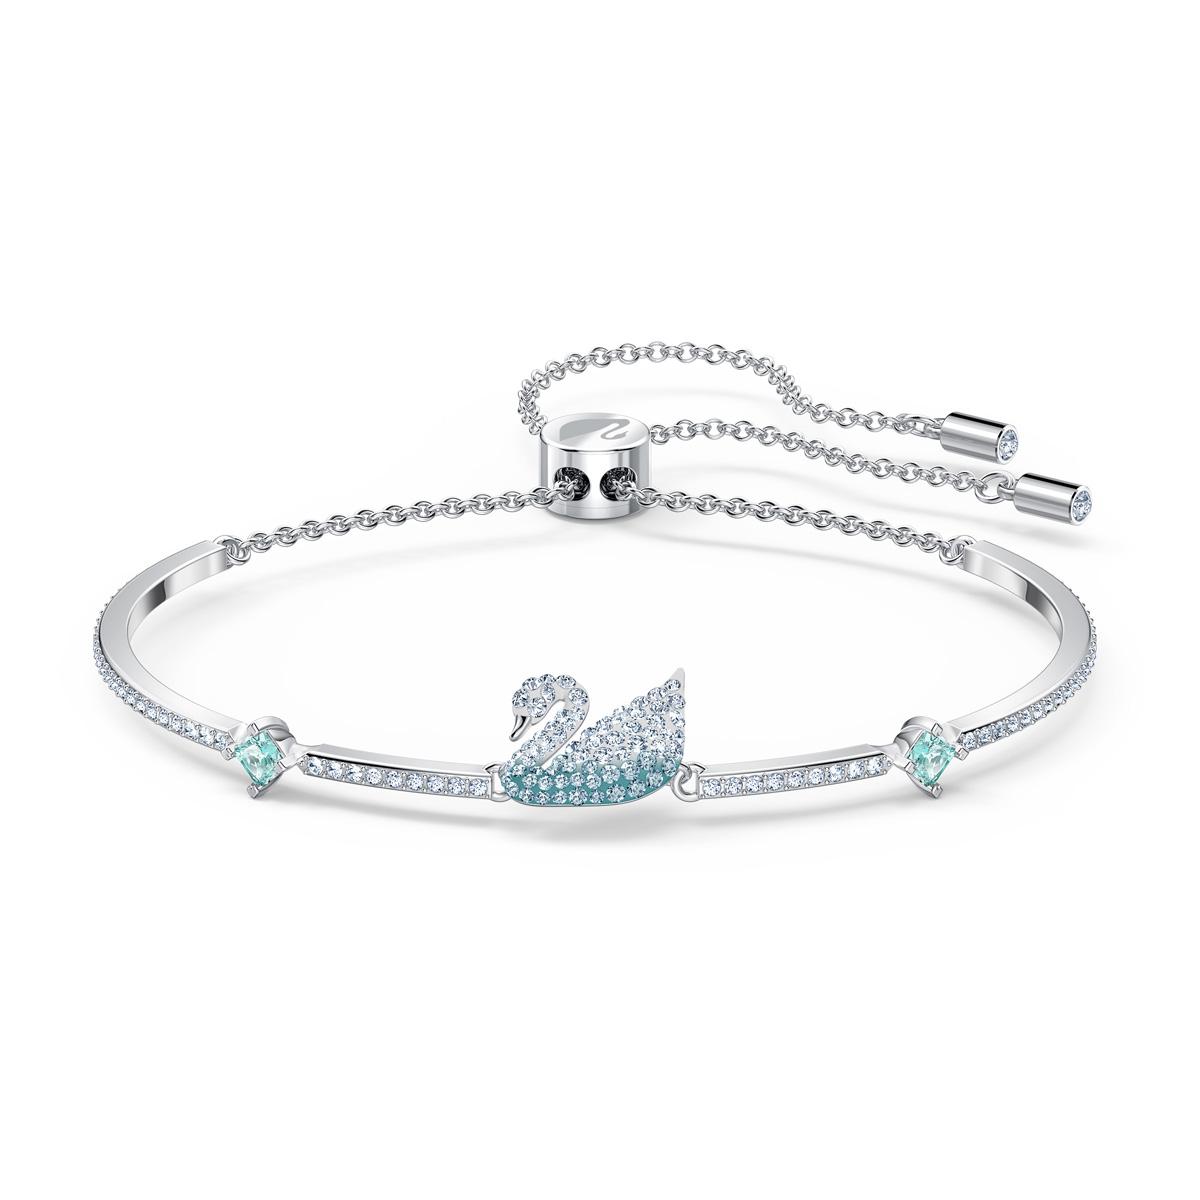 Swarovski Iconic Swan Bangle Bracelet, Blue, Rhodium Plated